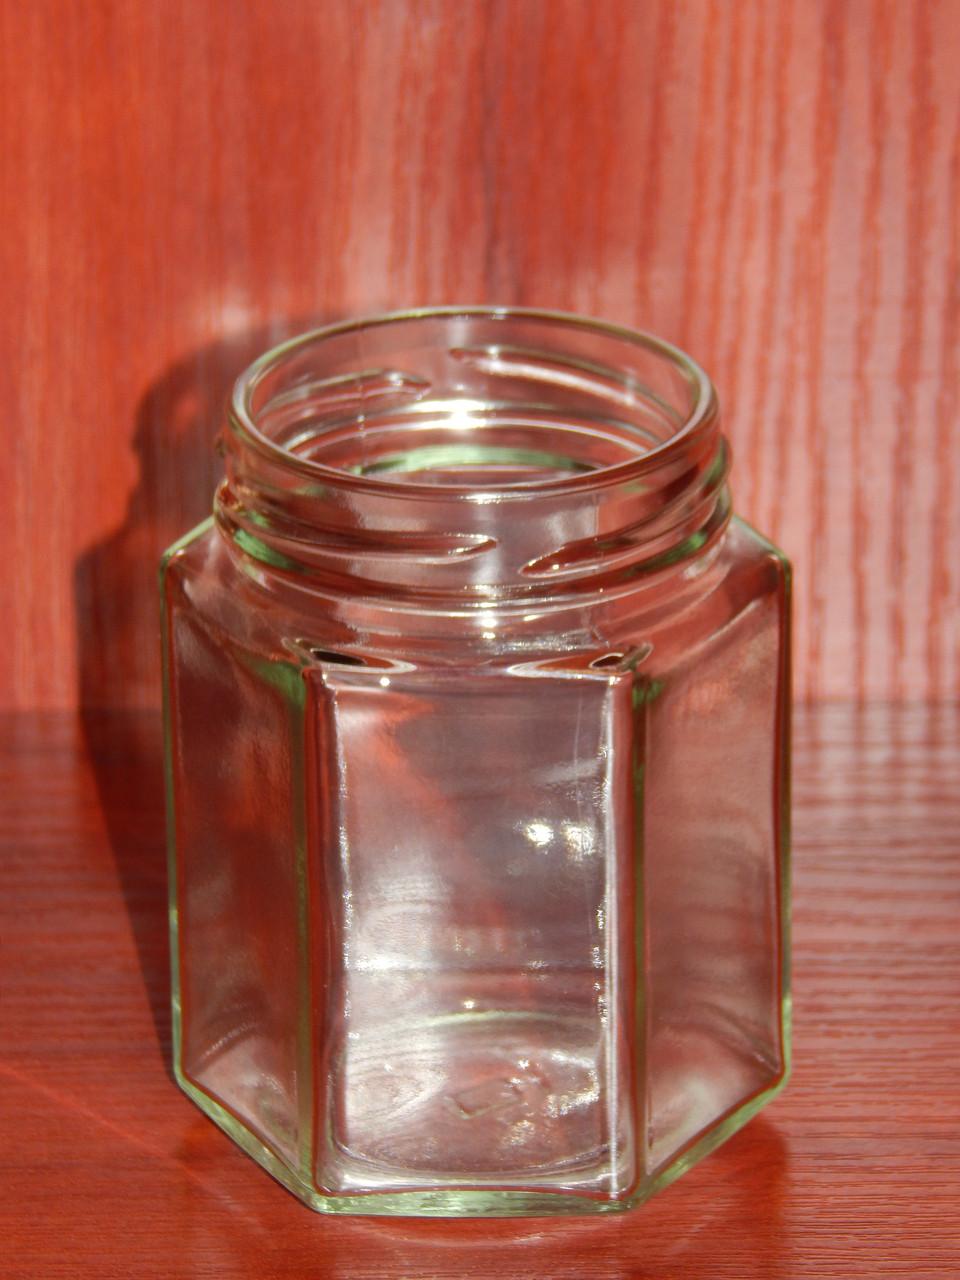 Банка стеклянная 196 мл с горловиной твист 58 Шестигранник (20 штук в упаковке)